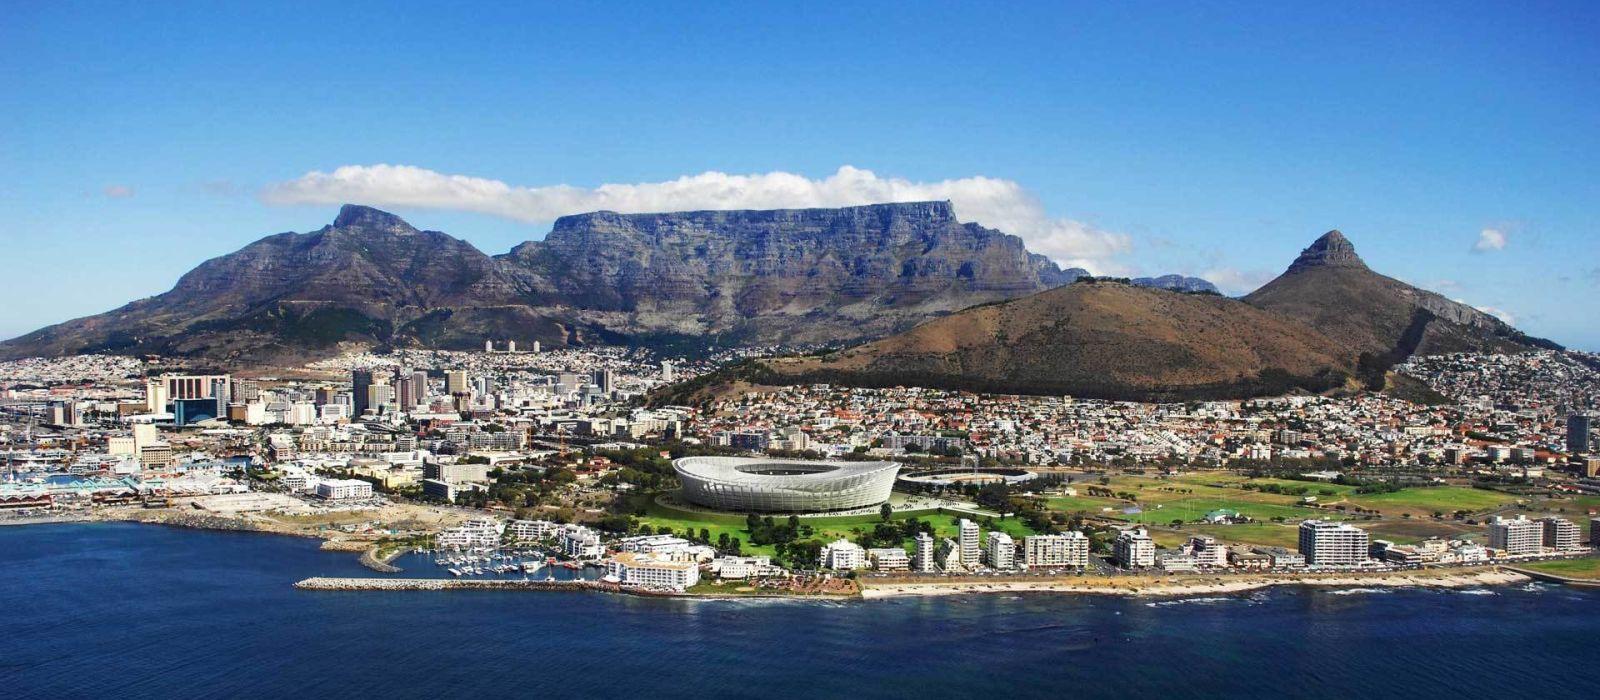 Sambia und Südafrika: Kapstadt, Safari und Viktoriafälle Urlaub 4